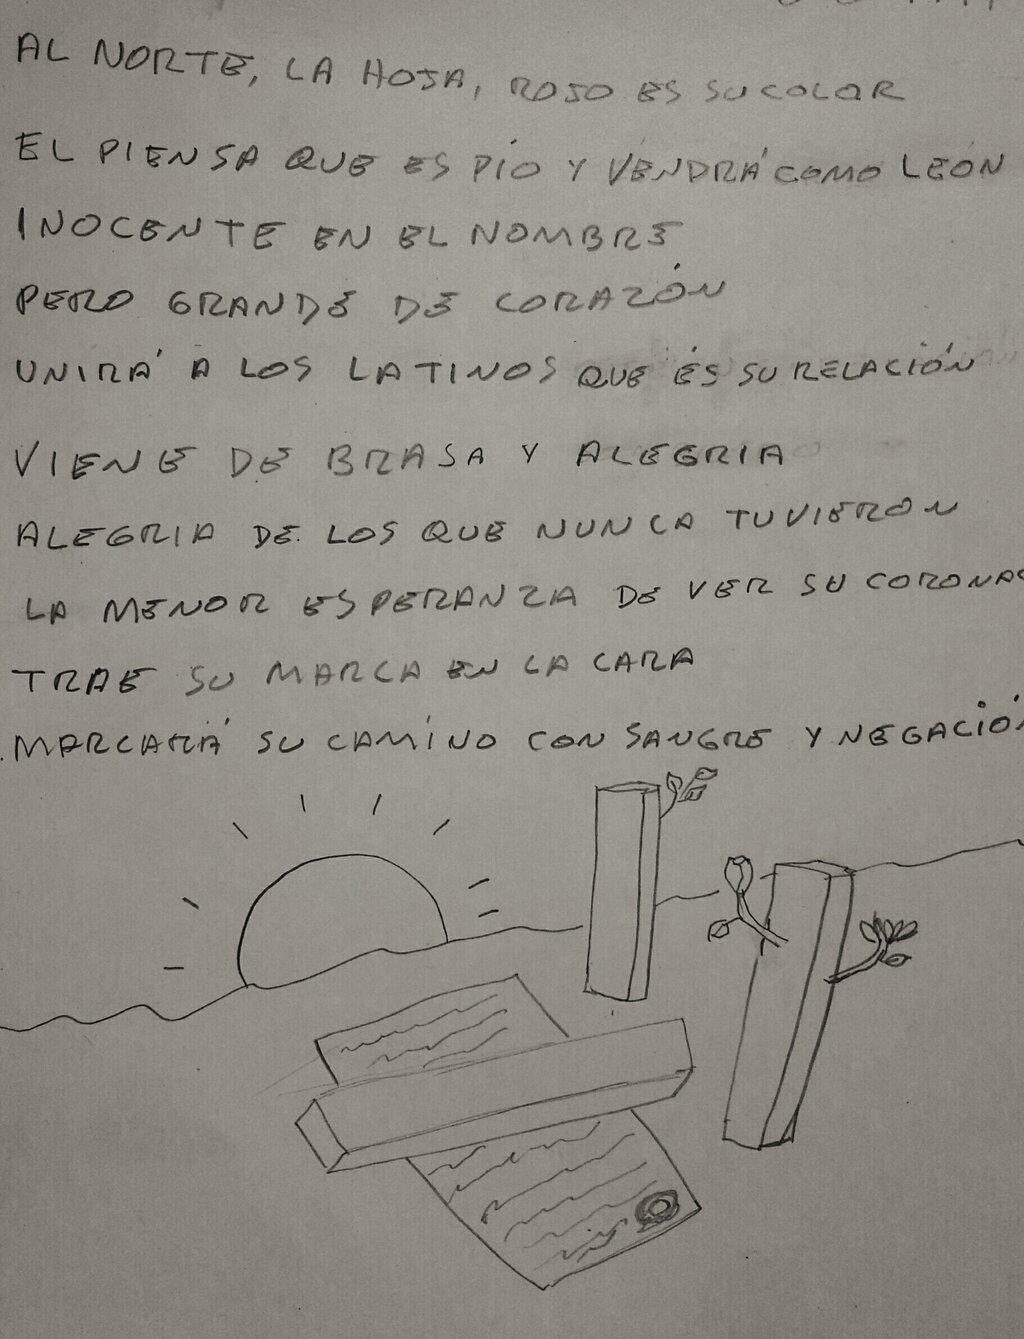 """""""La última pincelada en la Argentina será dada por un pintor gris"""" - Página 3 88592710"""